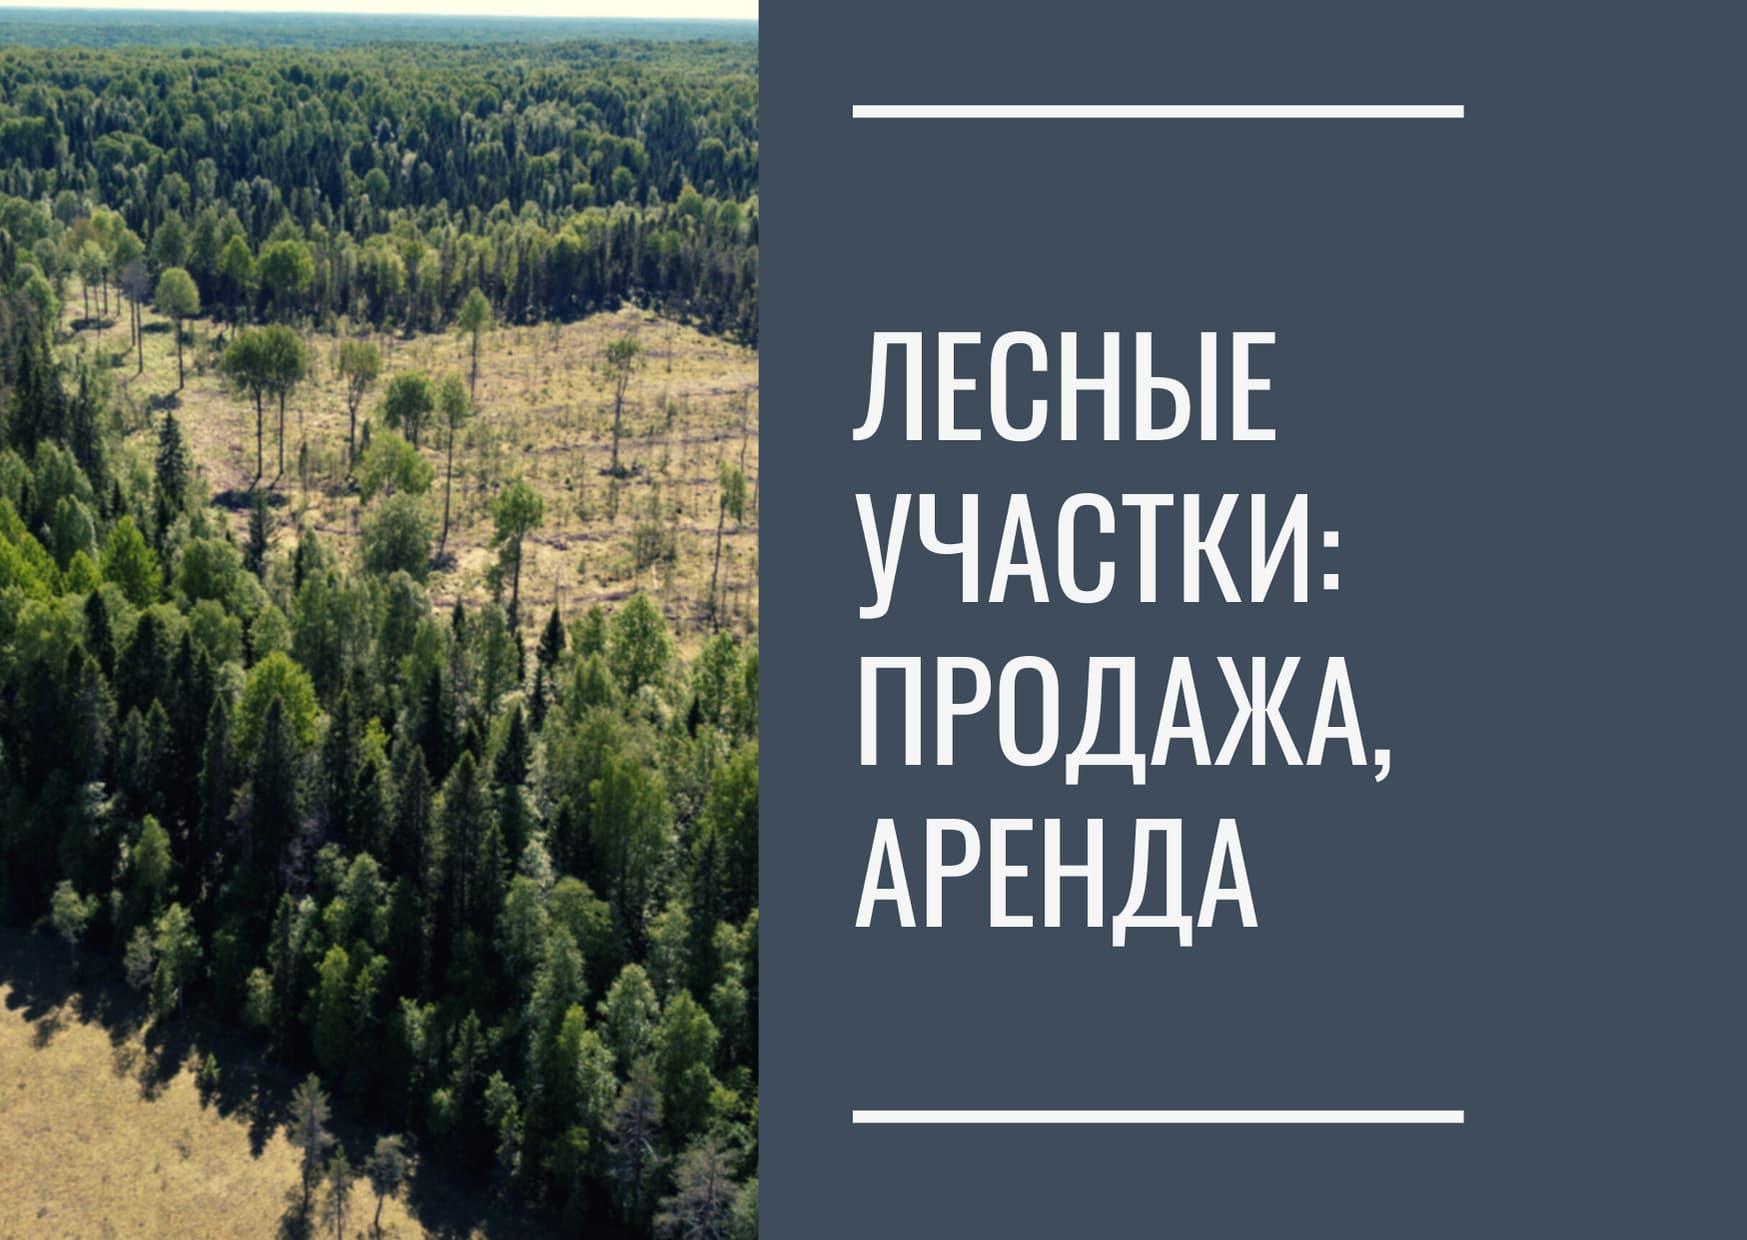 Лесные участки: продажа, аренда